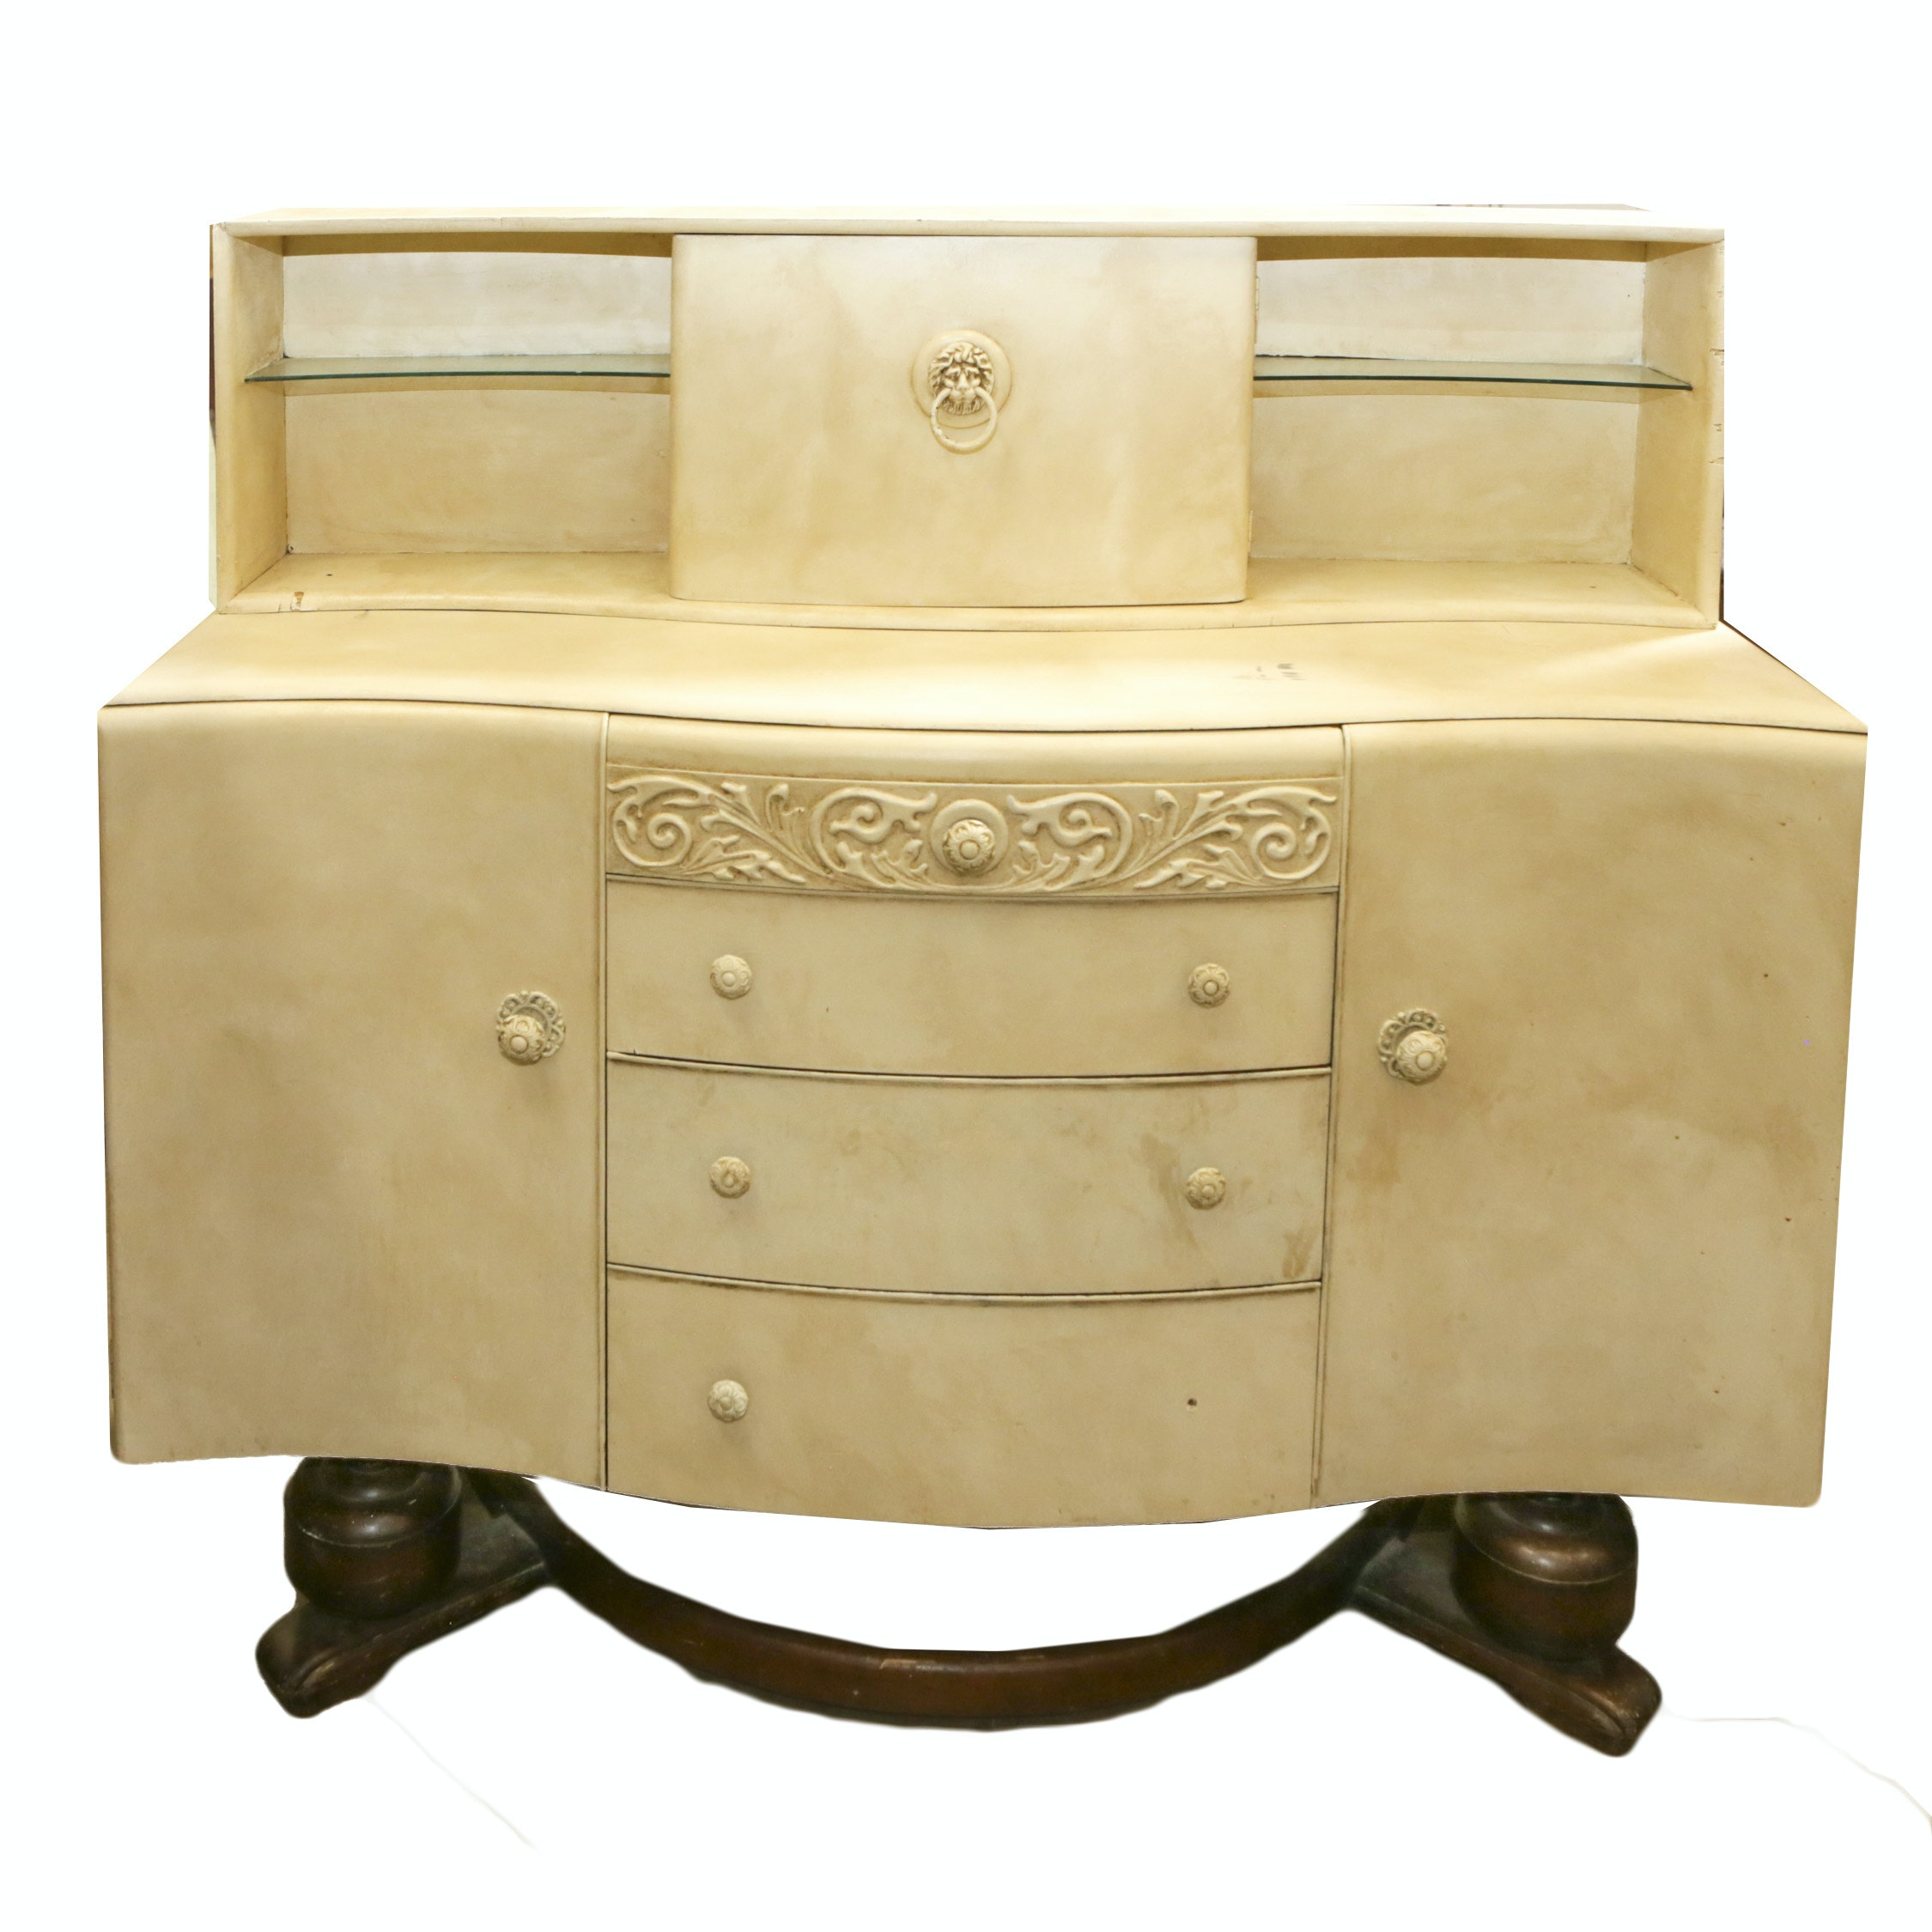 Blonde Veneered Vintage Sideboard